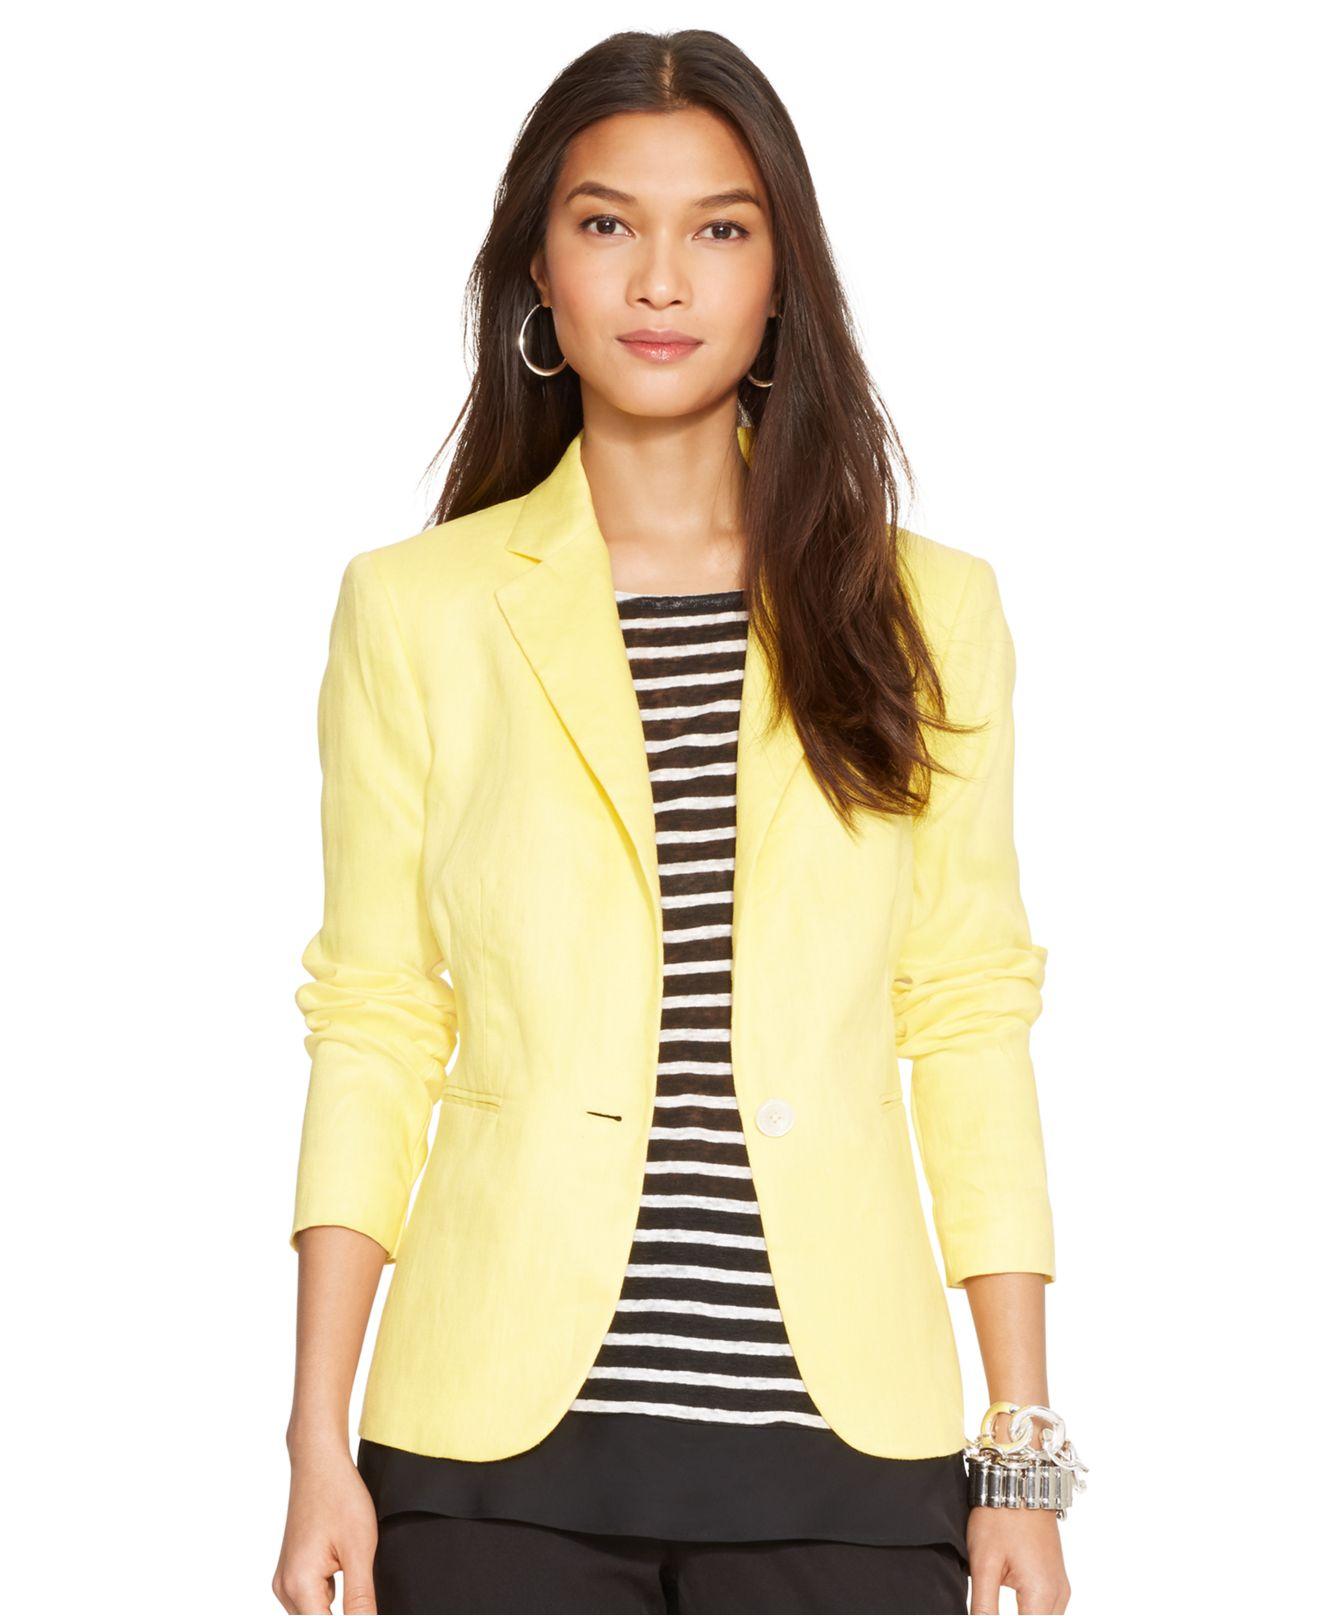 Lauren by ralph lauren Linen Jacket in Yellow | Lyst